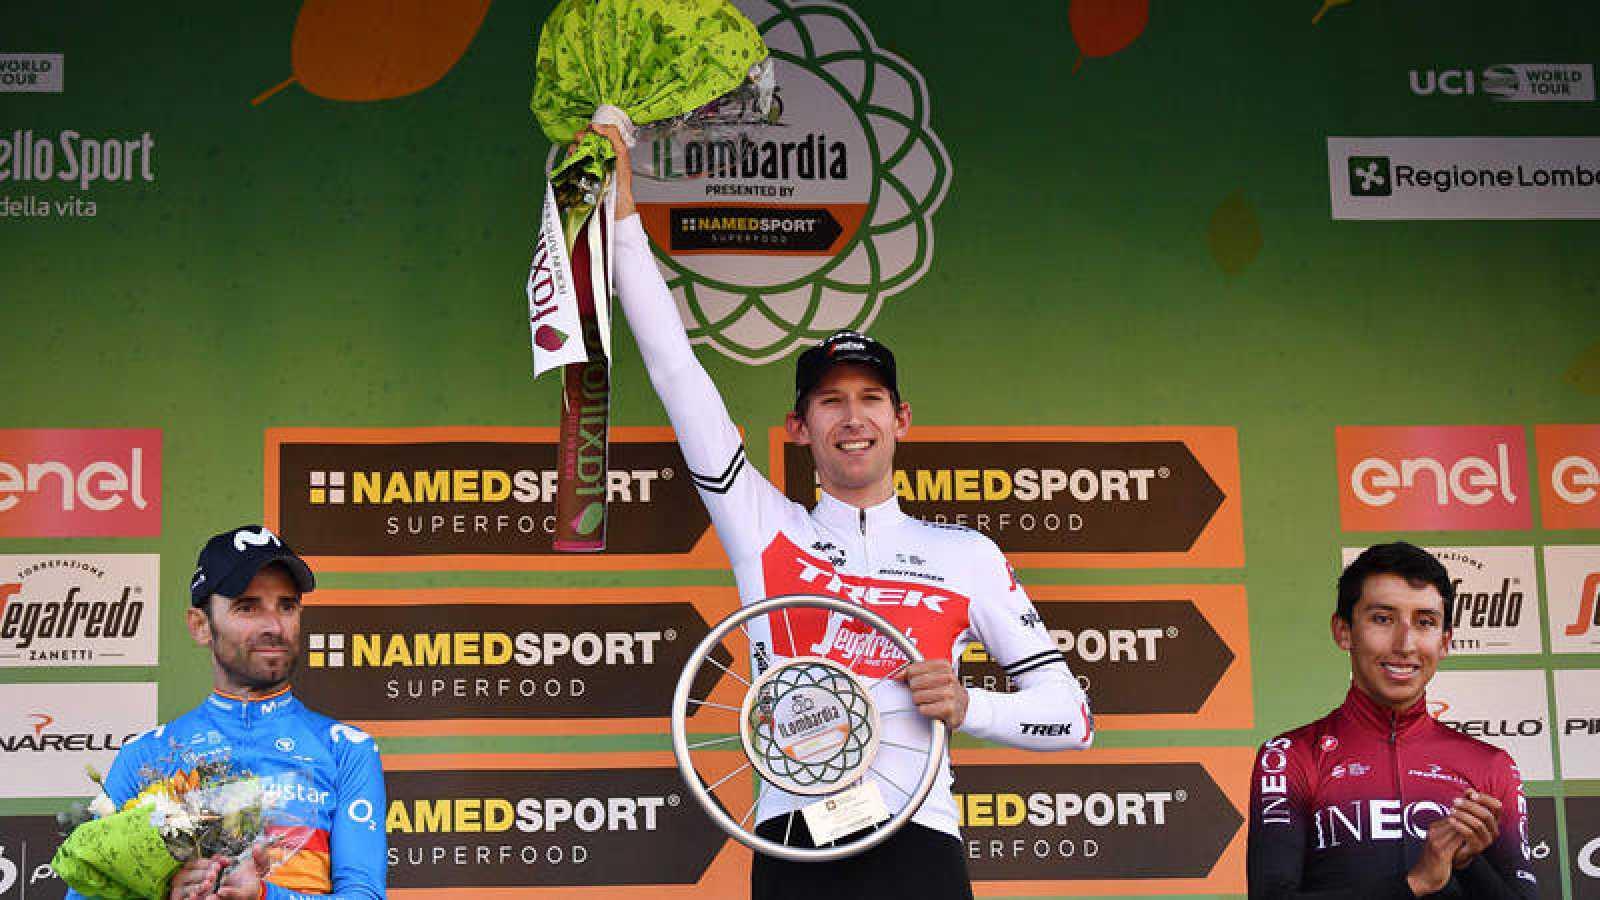 El podio de la II Lombardía con Mollema en lo más alto